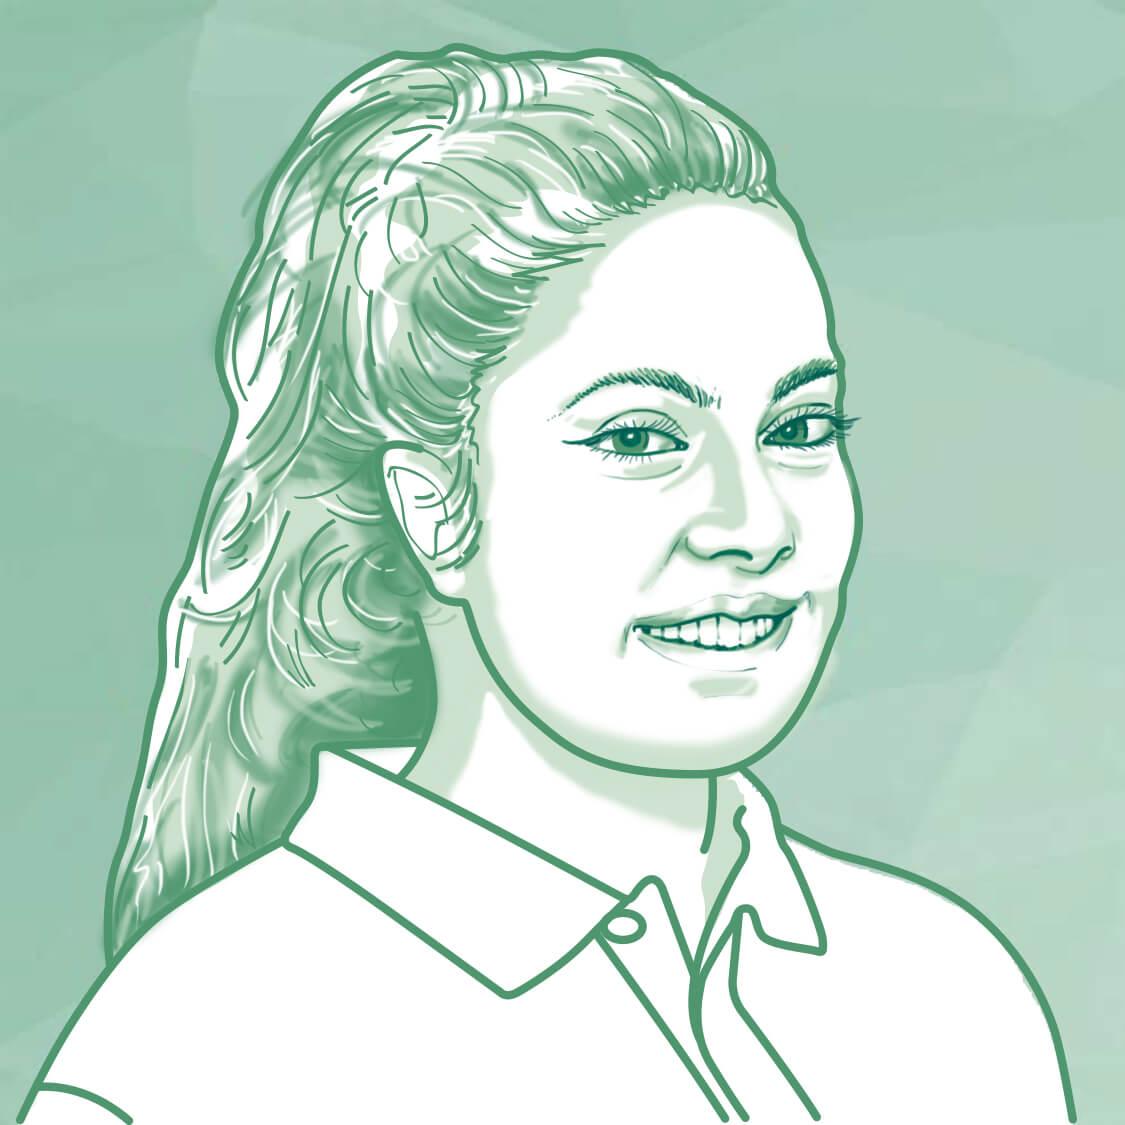 Seher_Aydogan_Zeichnung